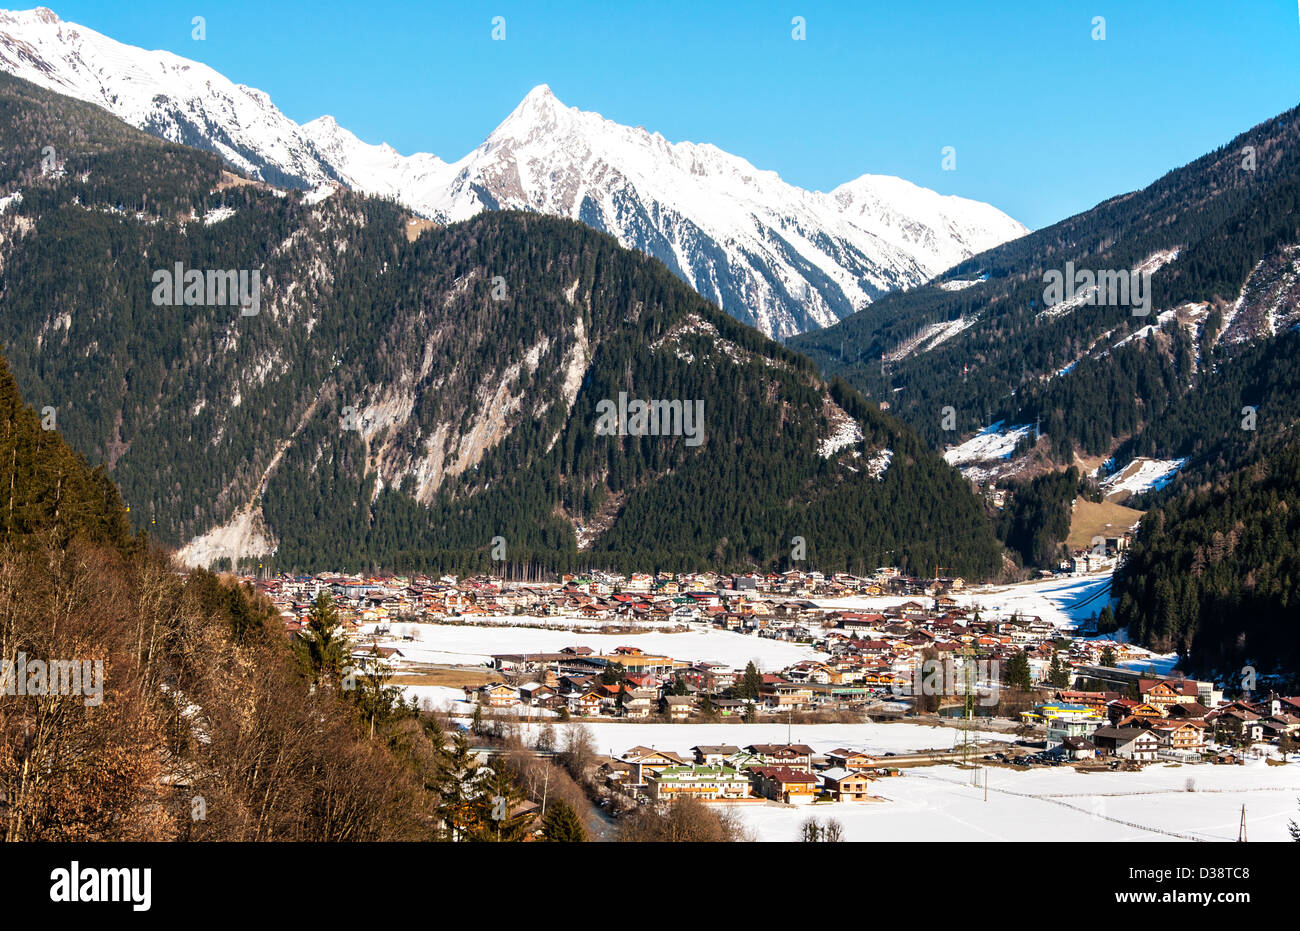 Mayrhofen ski resort in Zillertal Alps in Austria Stock Photo